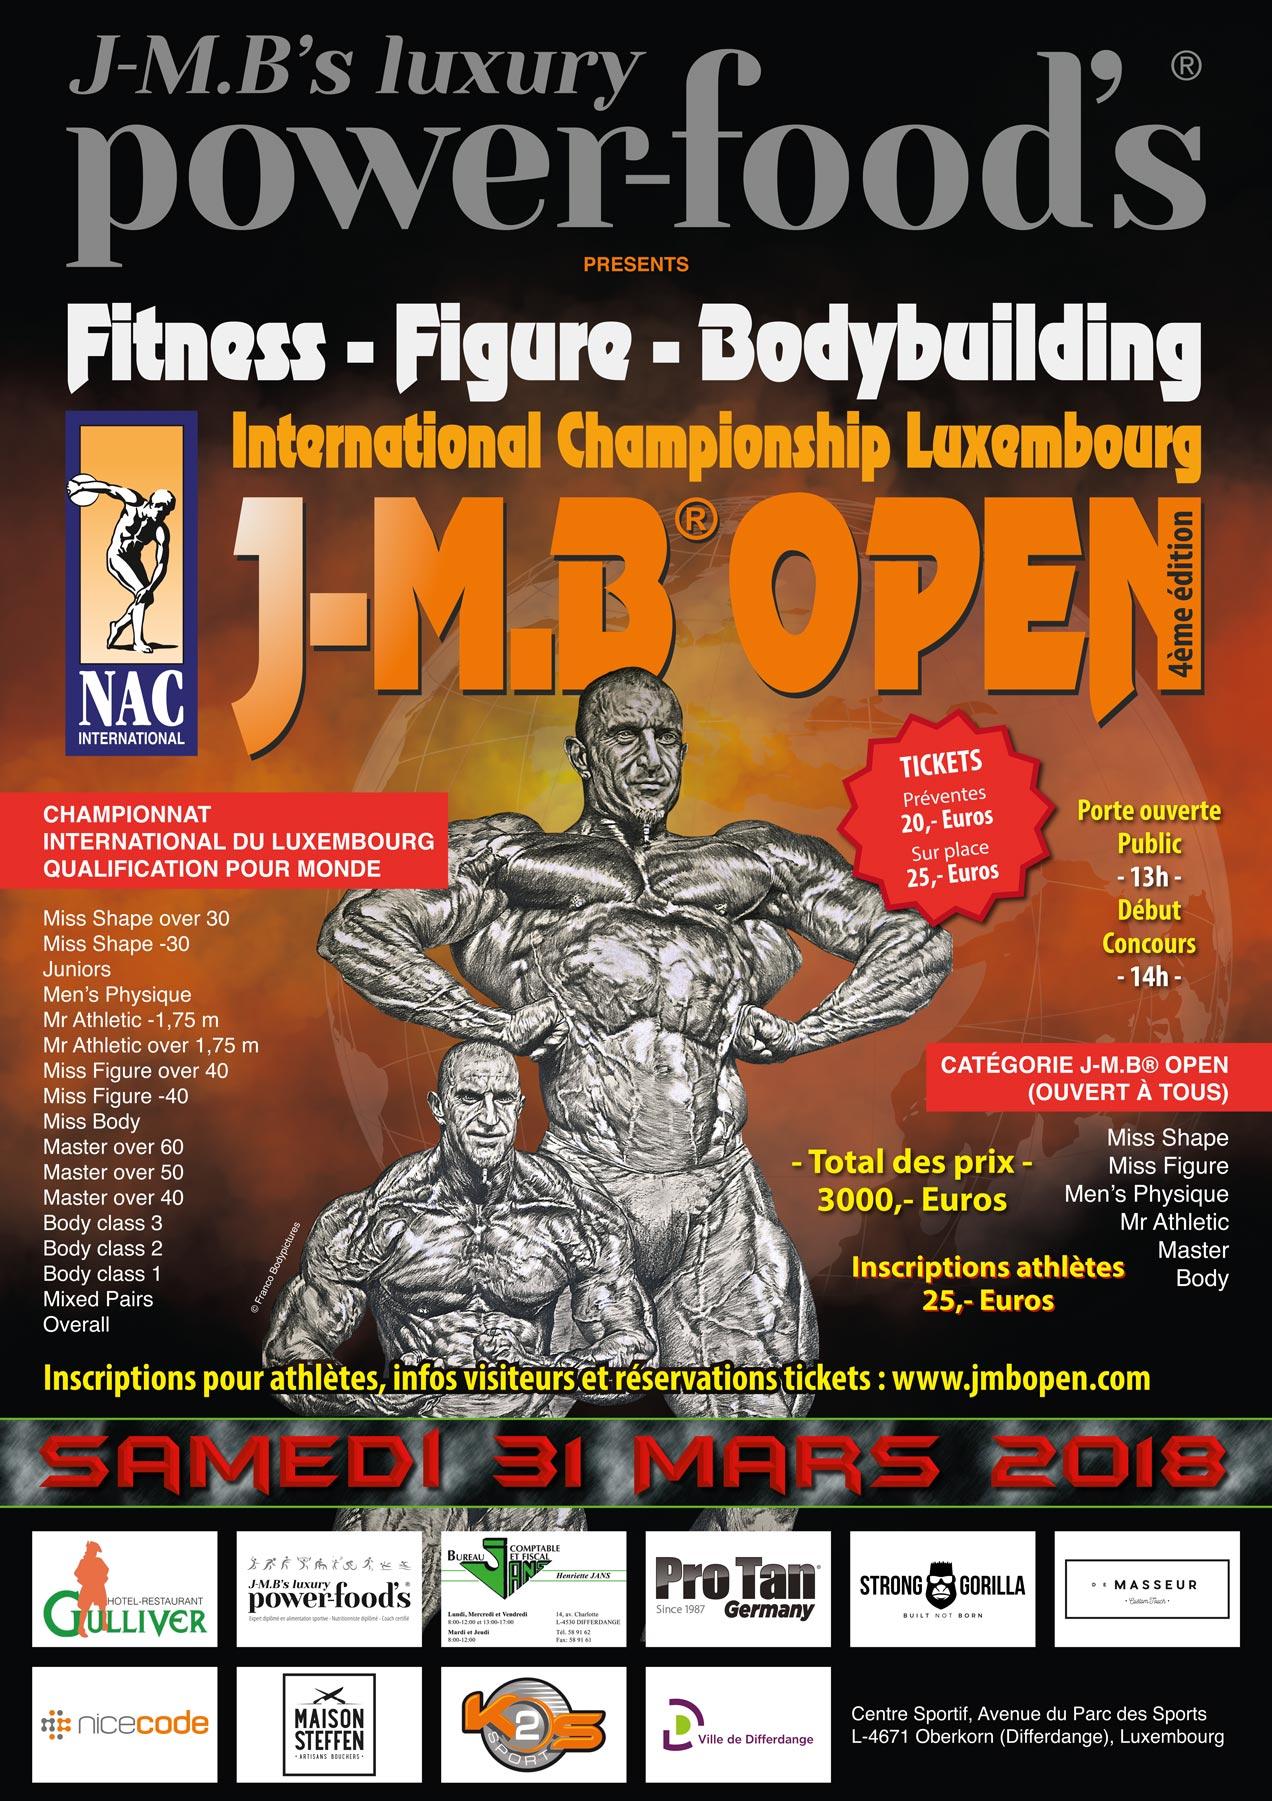 JMB_OPEN_PLAKAT_2018_IN-PROGRESS